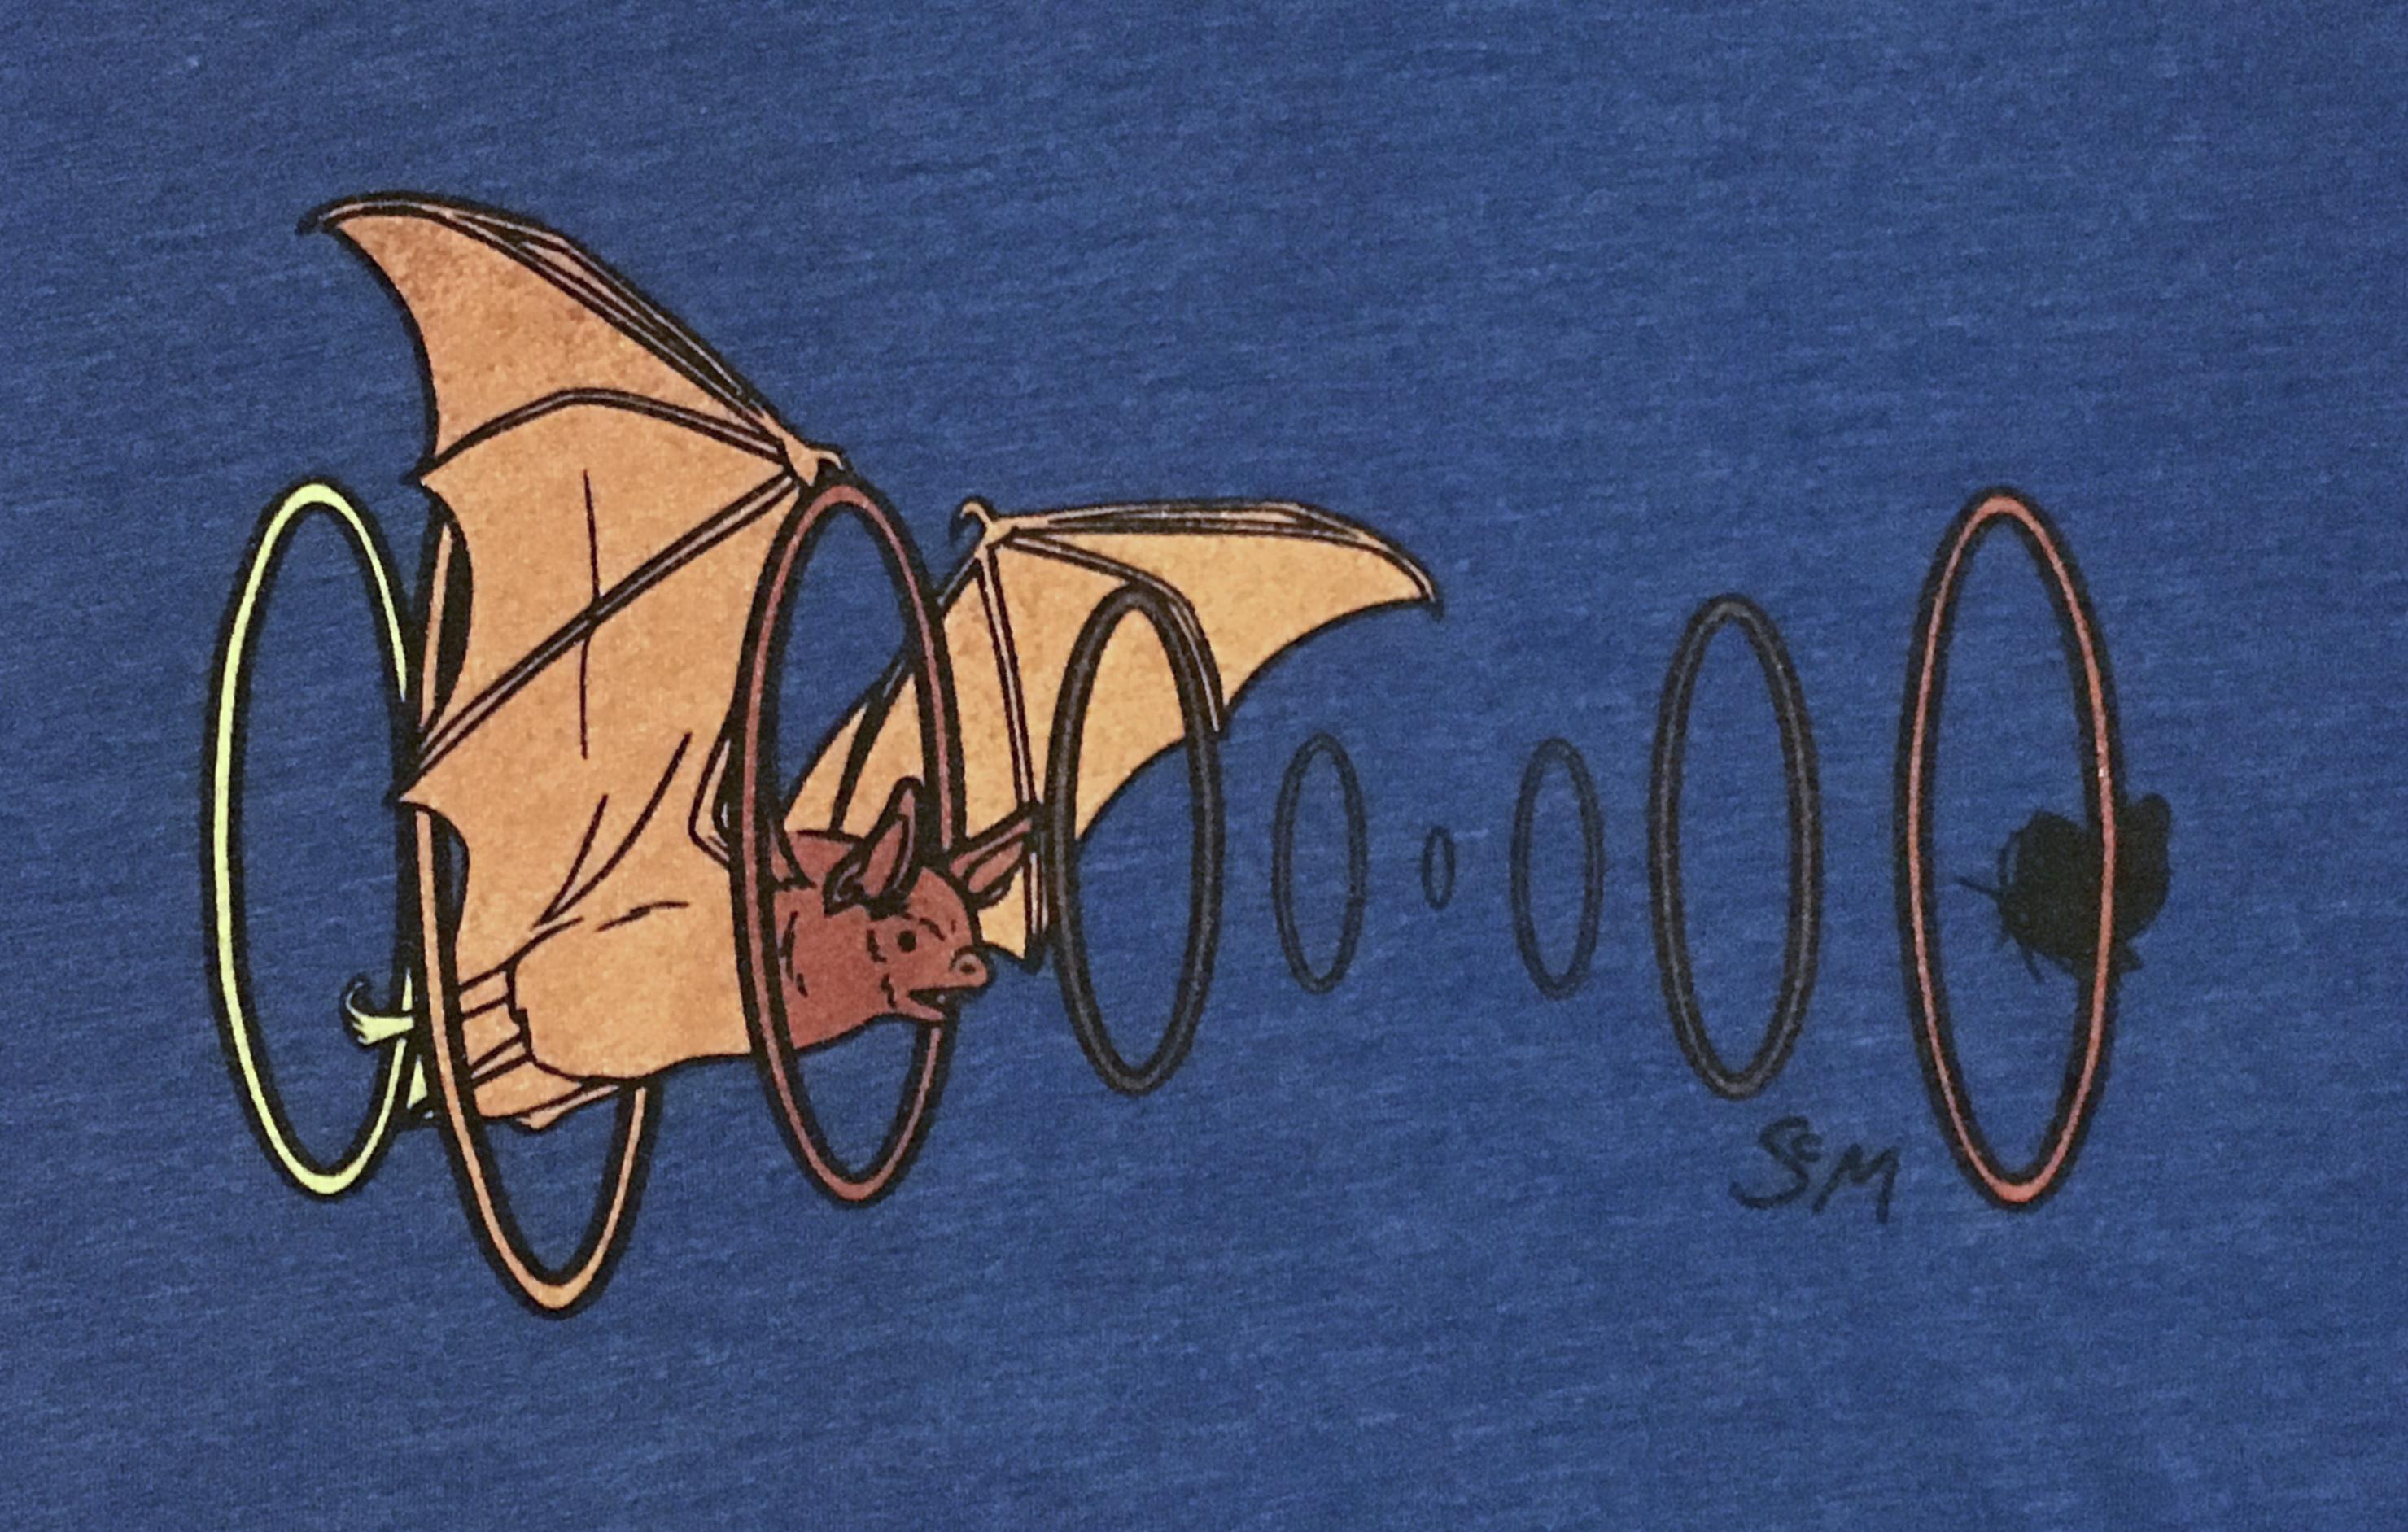 Bat Sonar Shirt